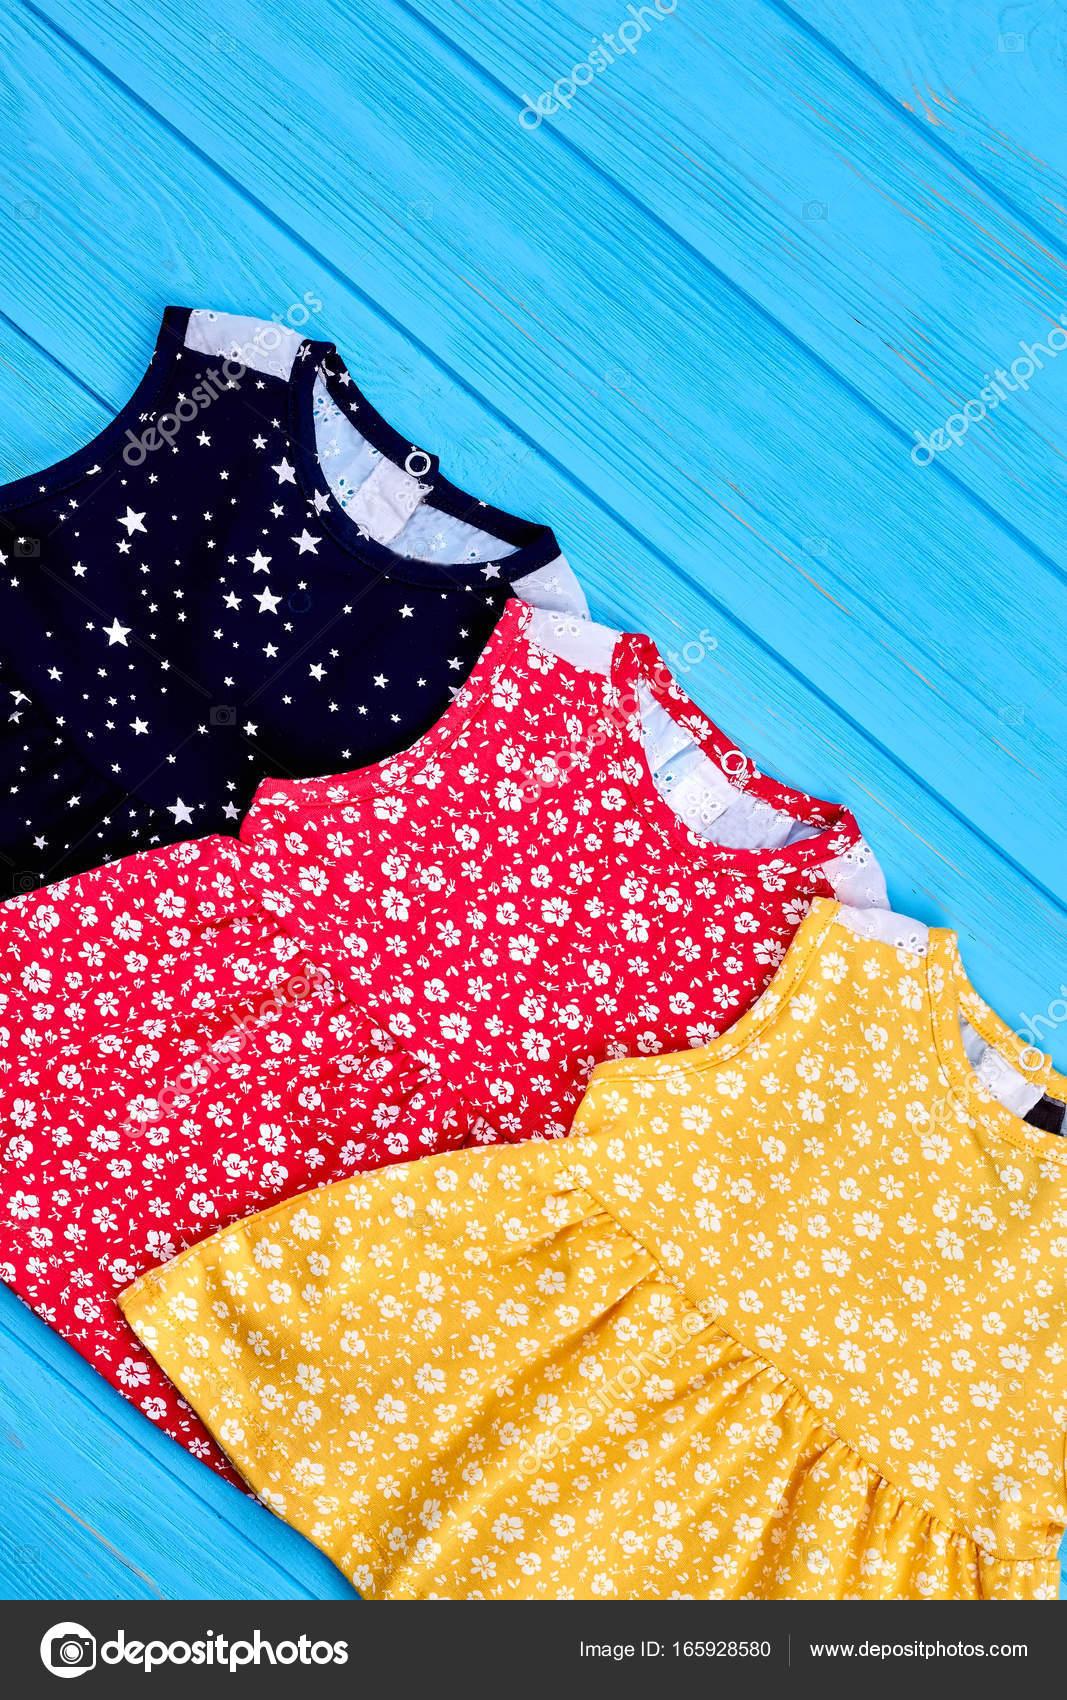 1c5753a5d Roupas de verão bebê estilo vintage — Stock Photo © Denisfilm  165928580